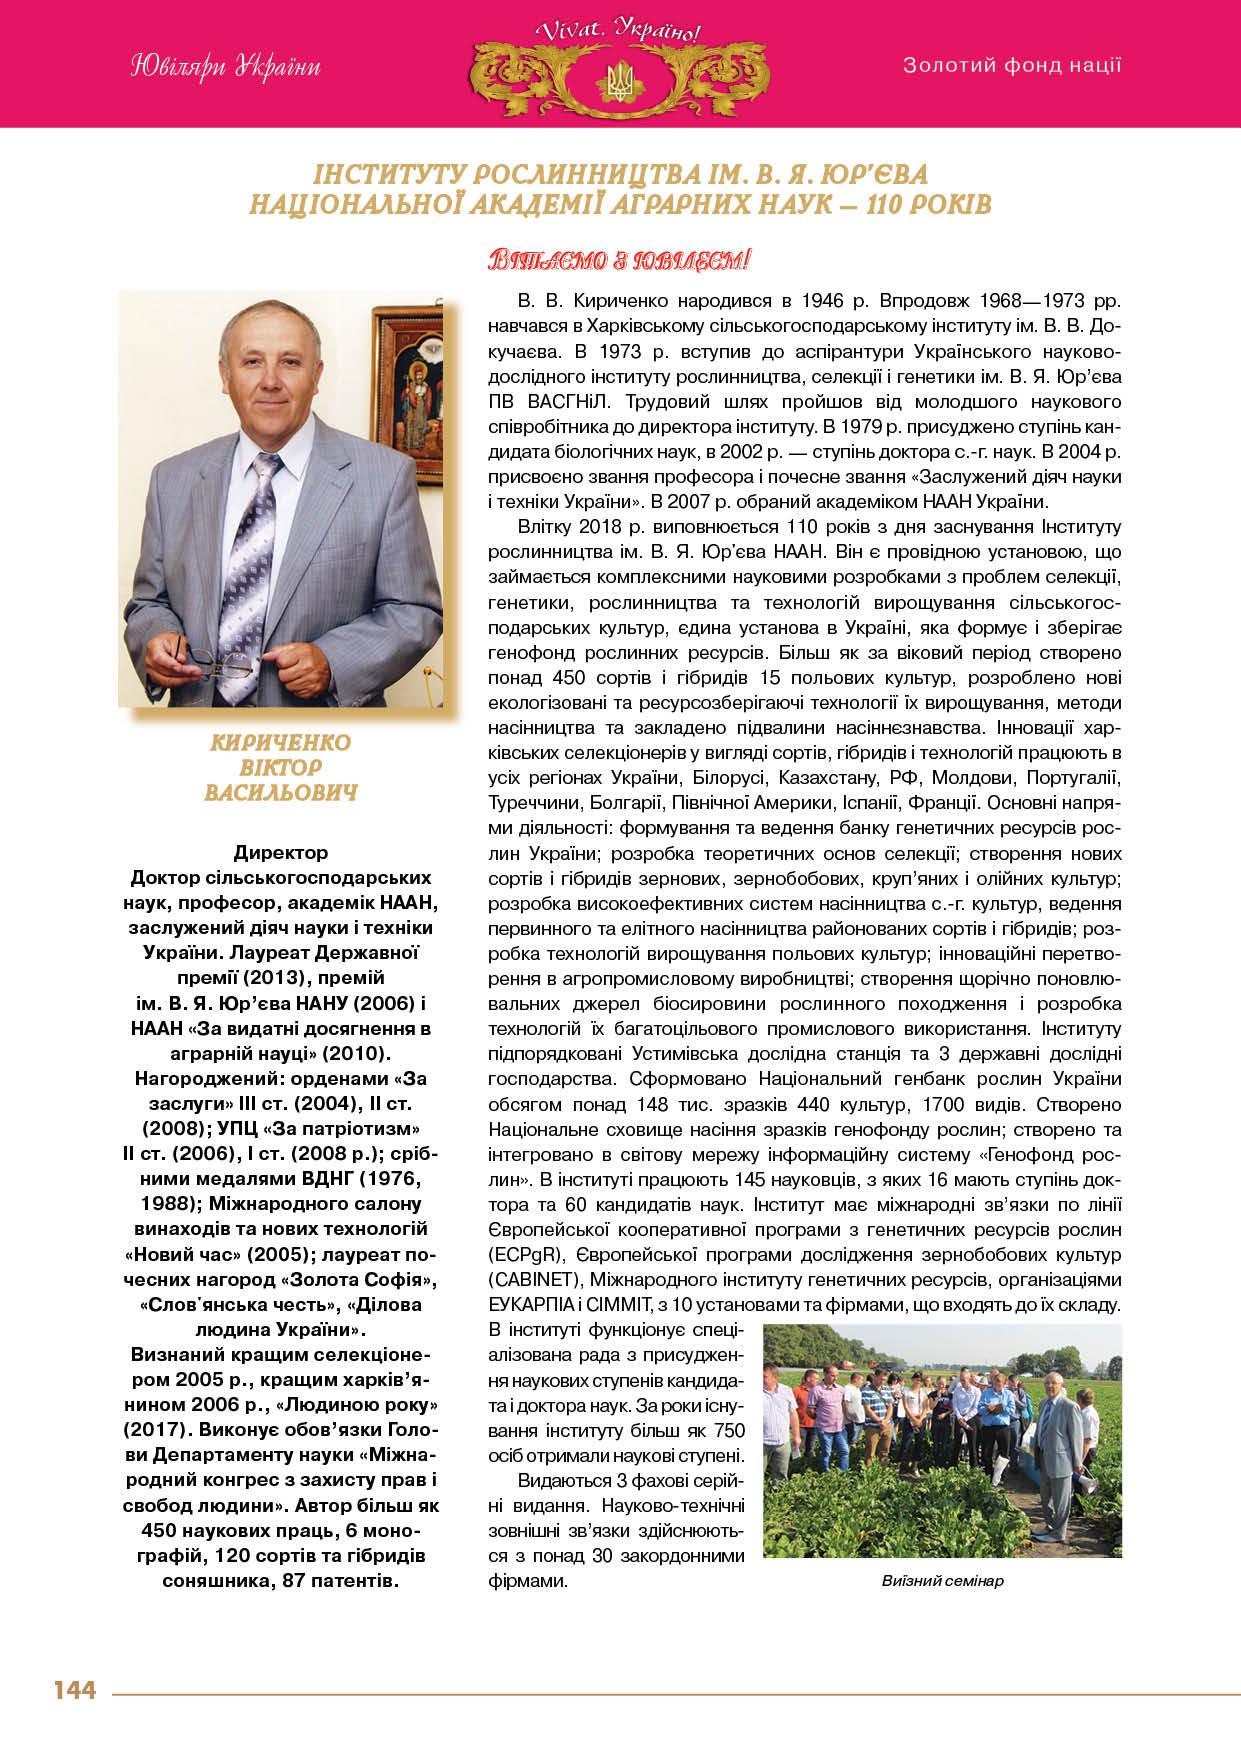 Кириченко Віктор Васильович